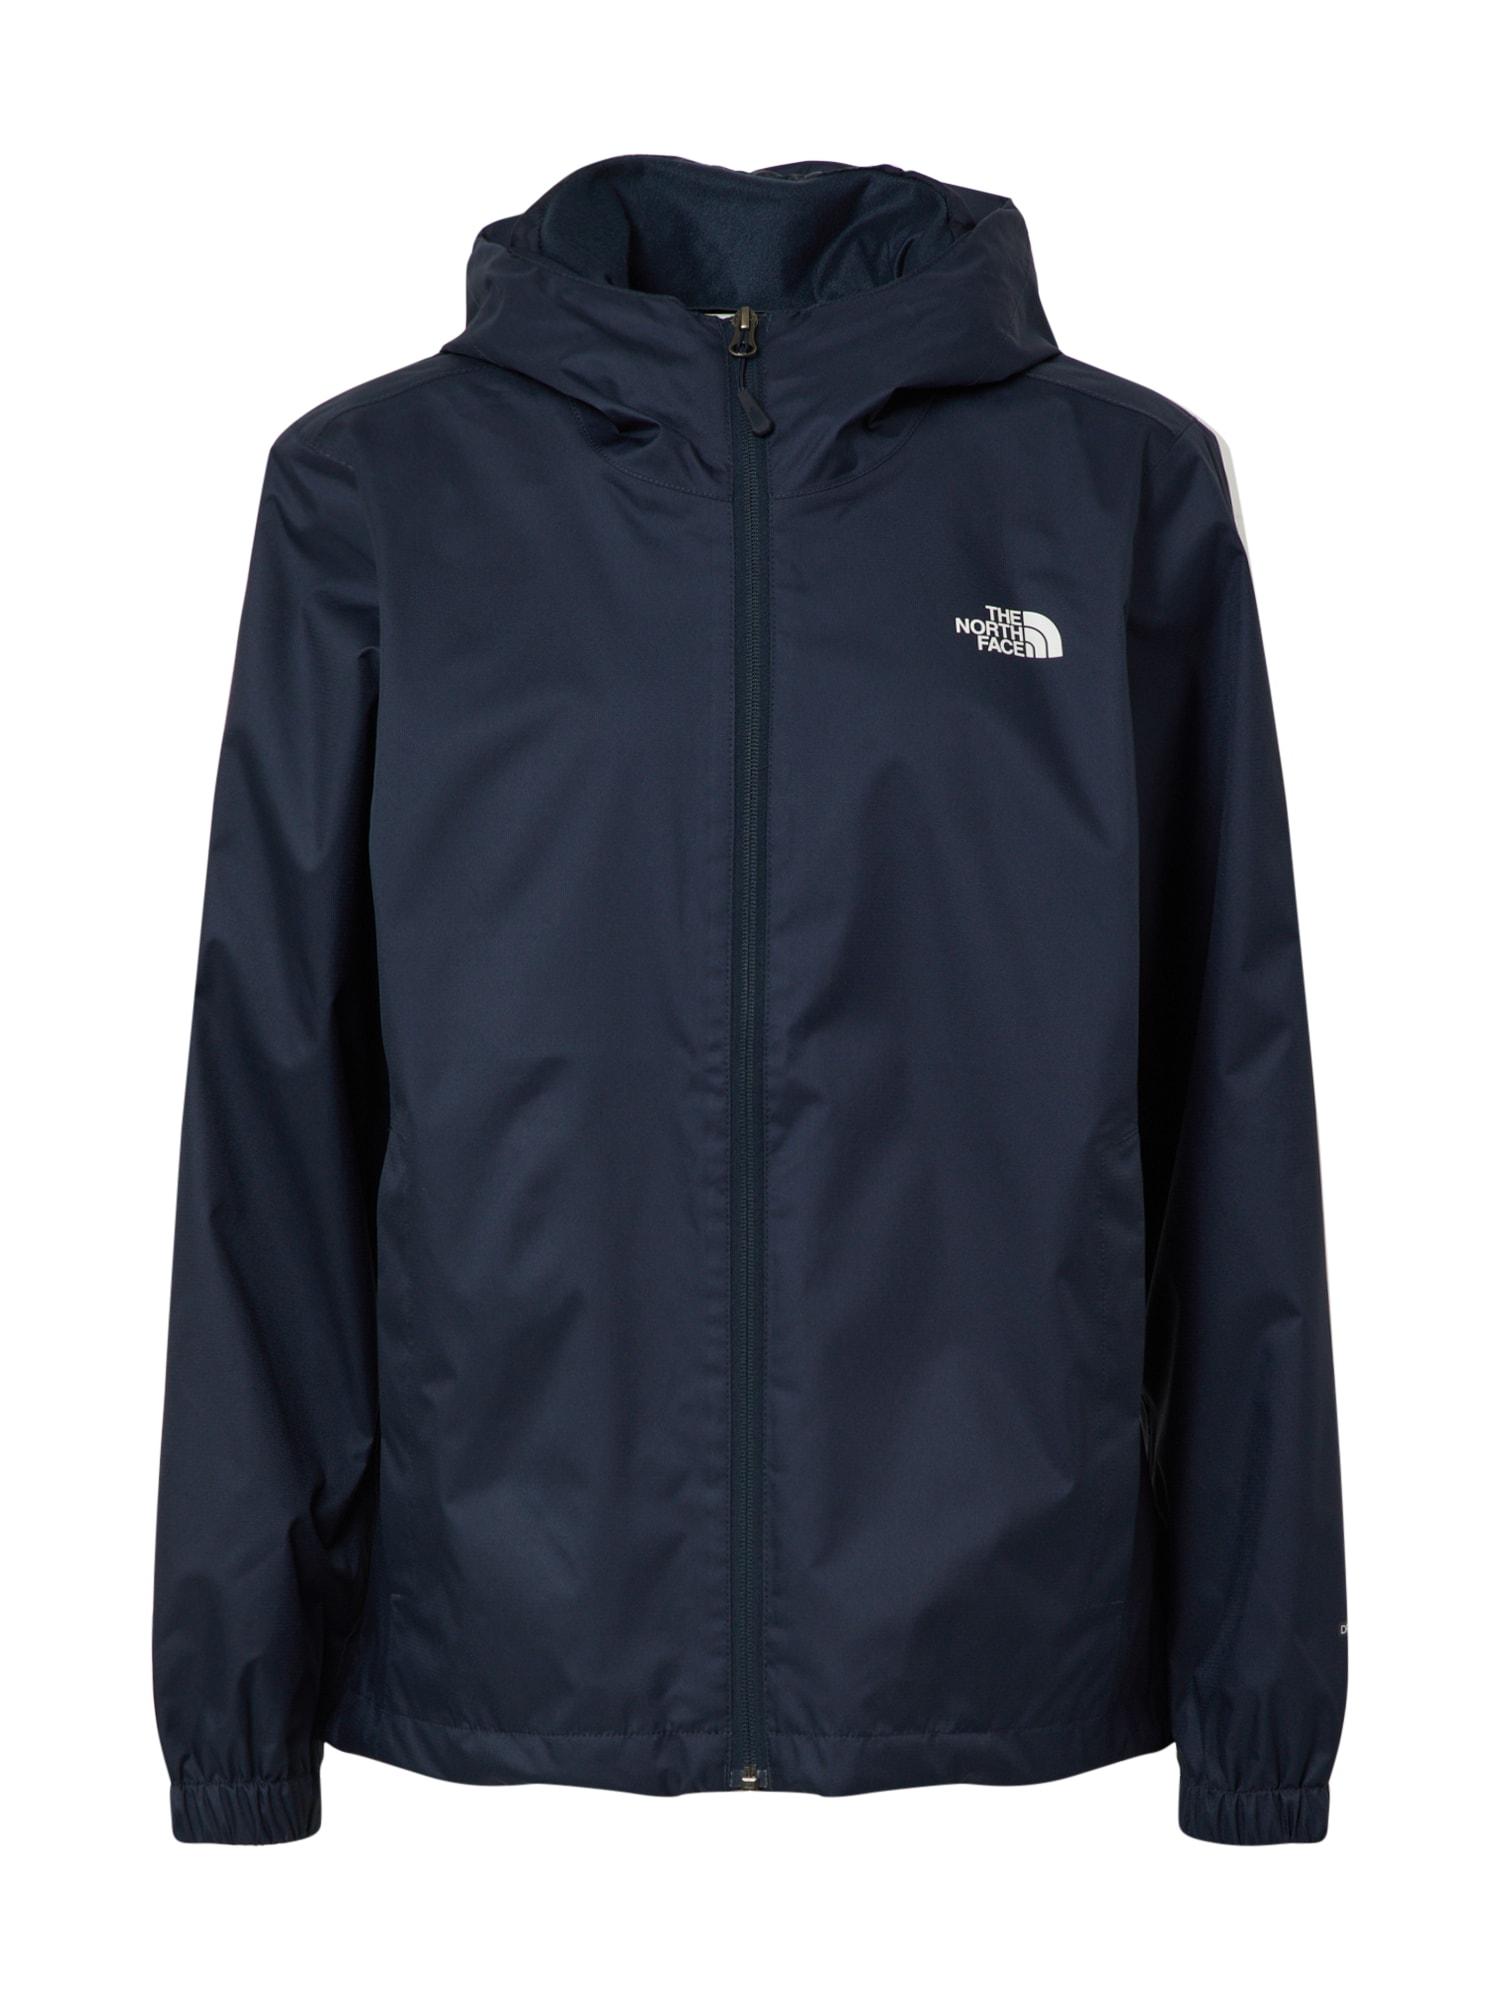 THE NORTH FACE Outdoorová bunda 'Quest'  bílá / námořnická modř